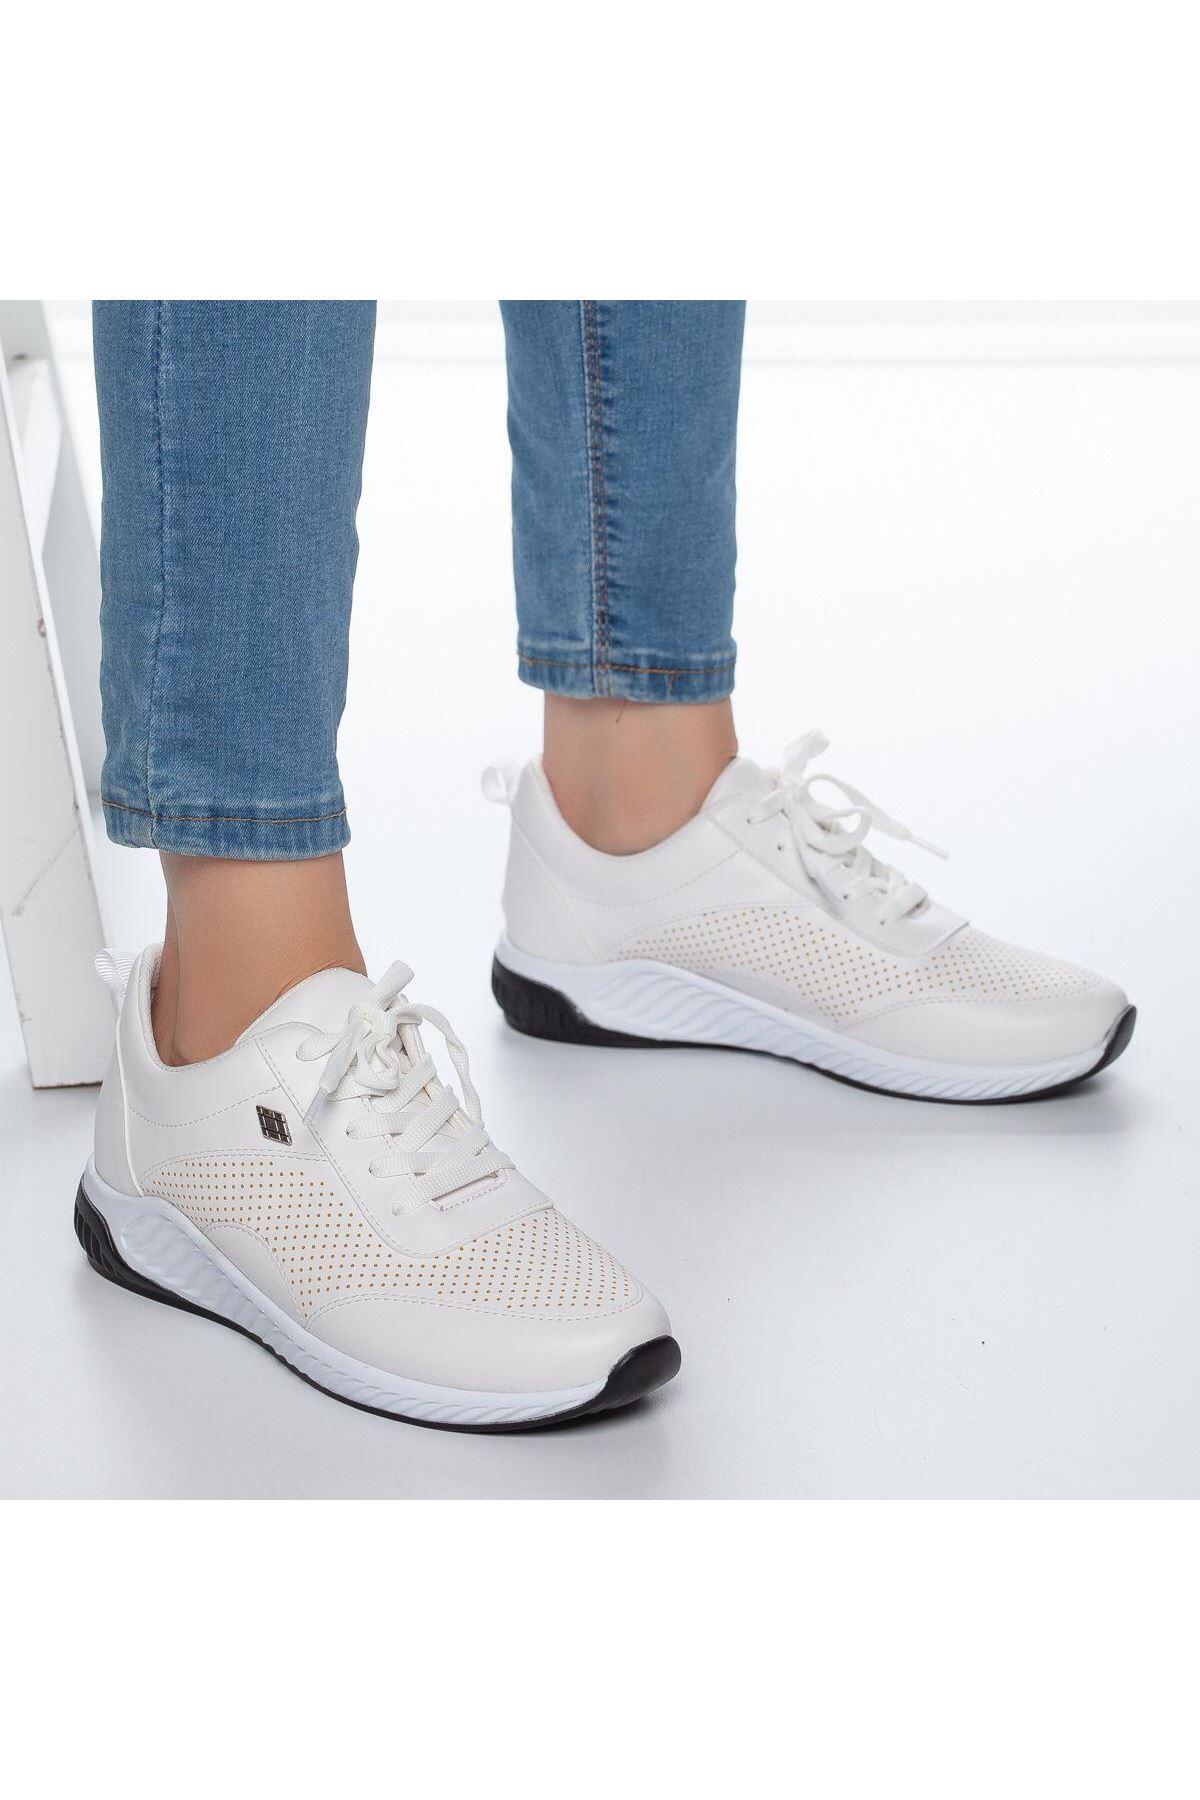 Derin Delik Detay Kadın Spor Ayakkabı Beyaz